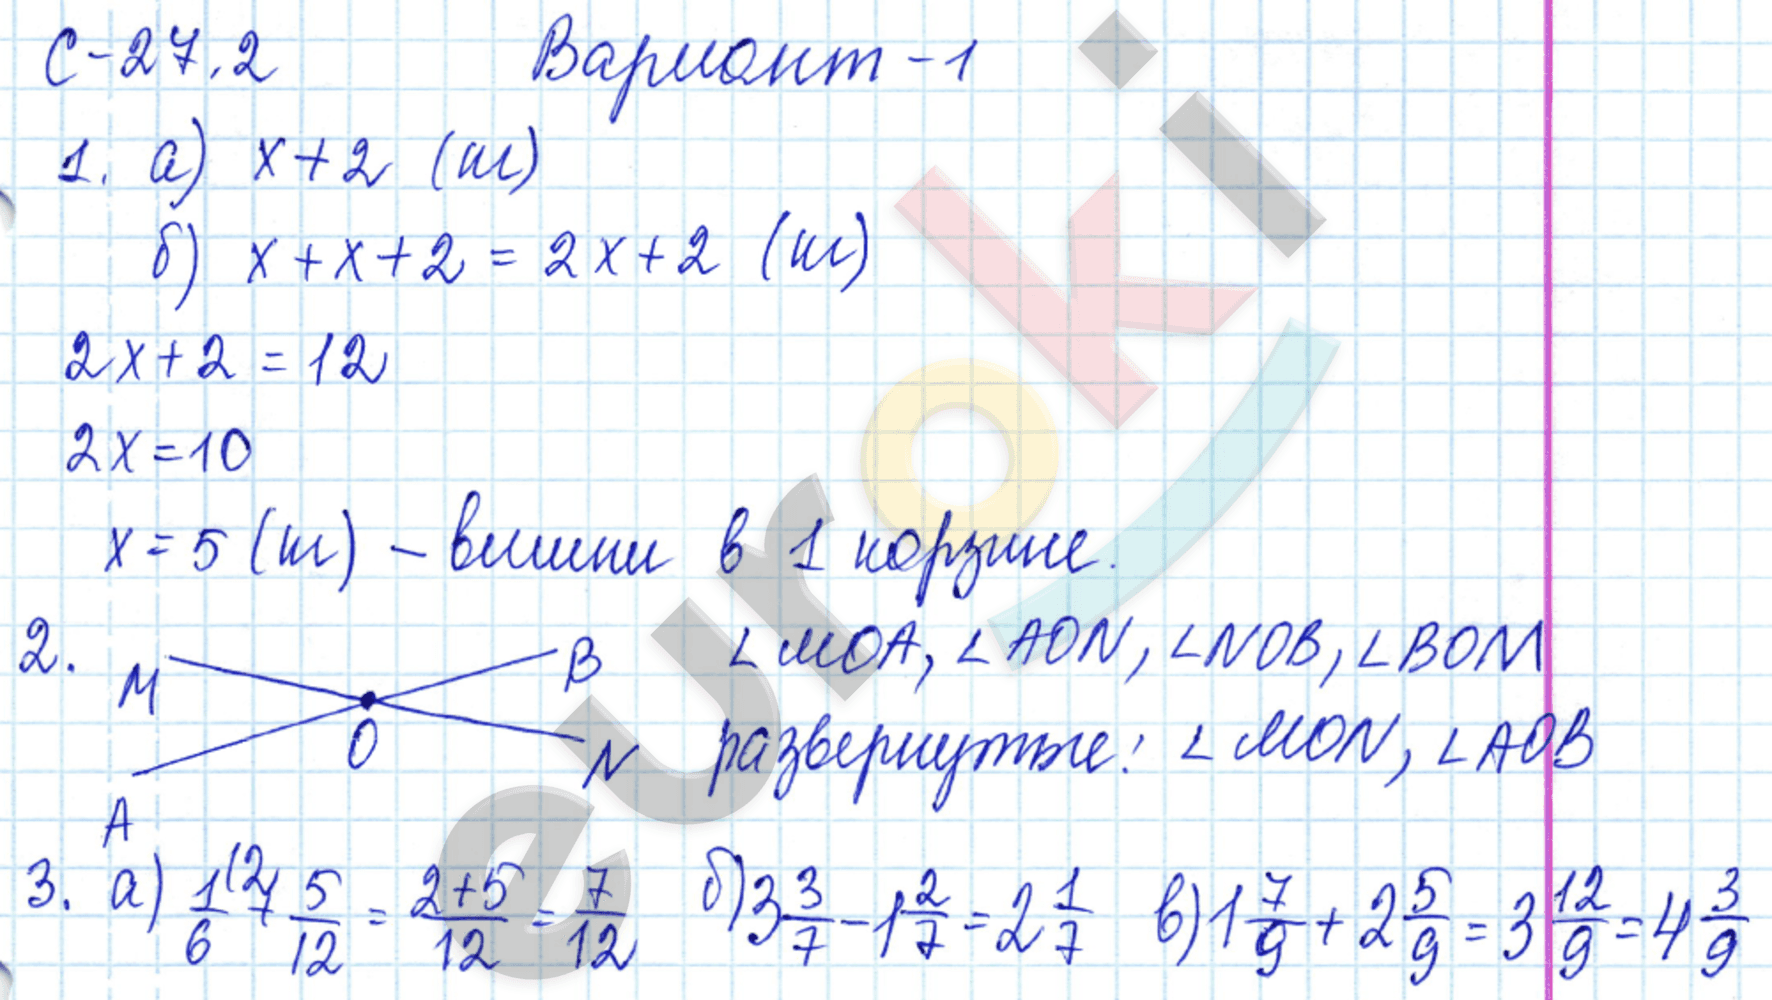 ГДЗ по математике 5 класс самостоятельные работы Зубарева, Мильштейн, Шанцева Тема 3. Геометрические фигуры, С-27.2. Определение угла. Развернутый угол. Задание: Вариант 1